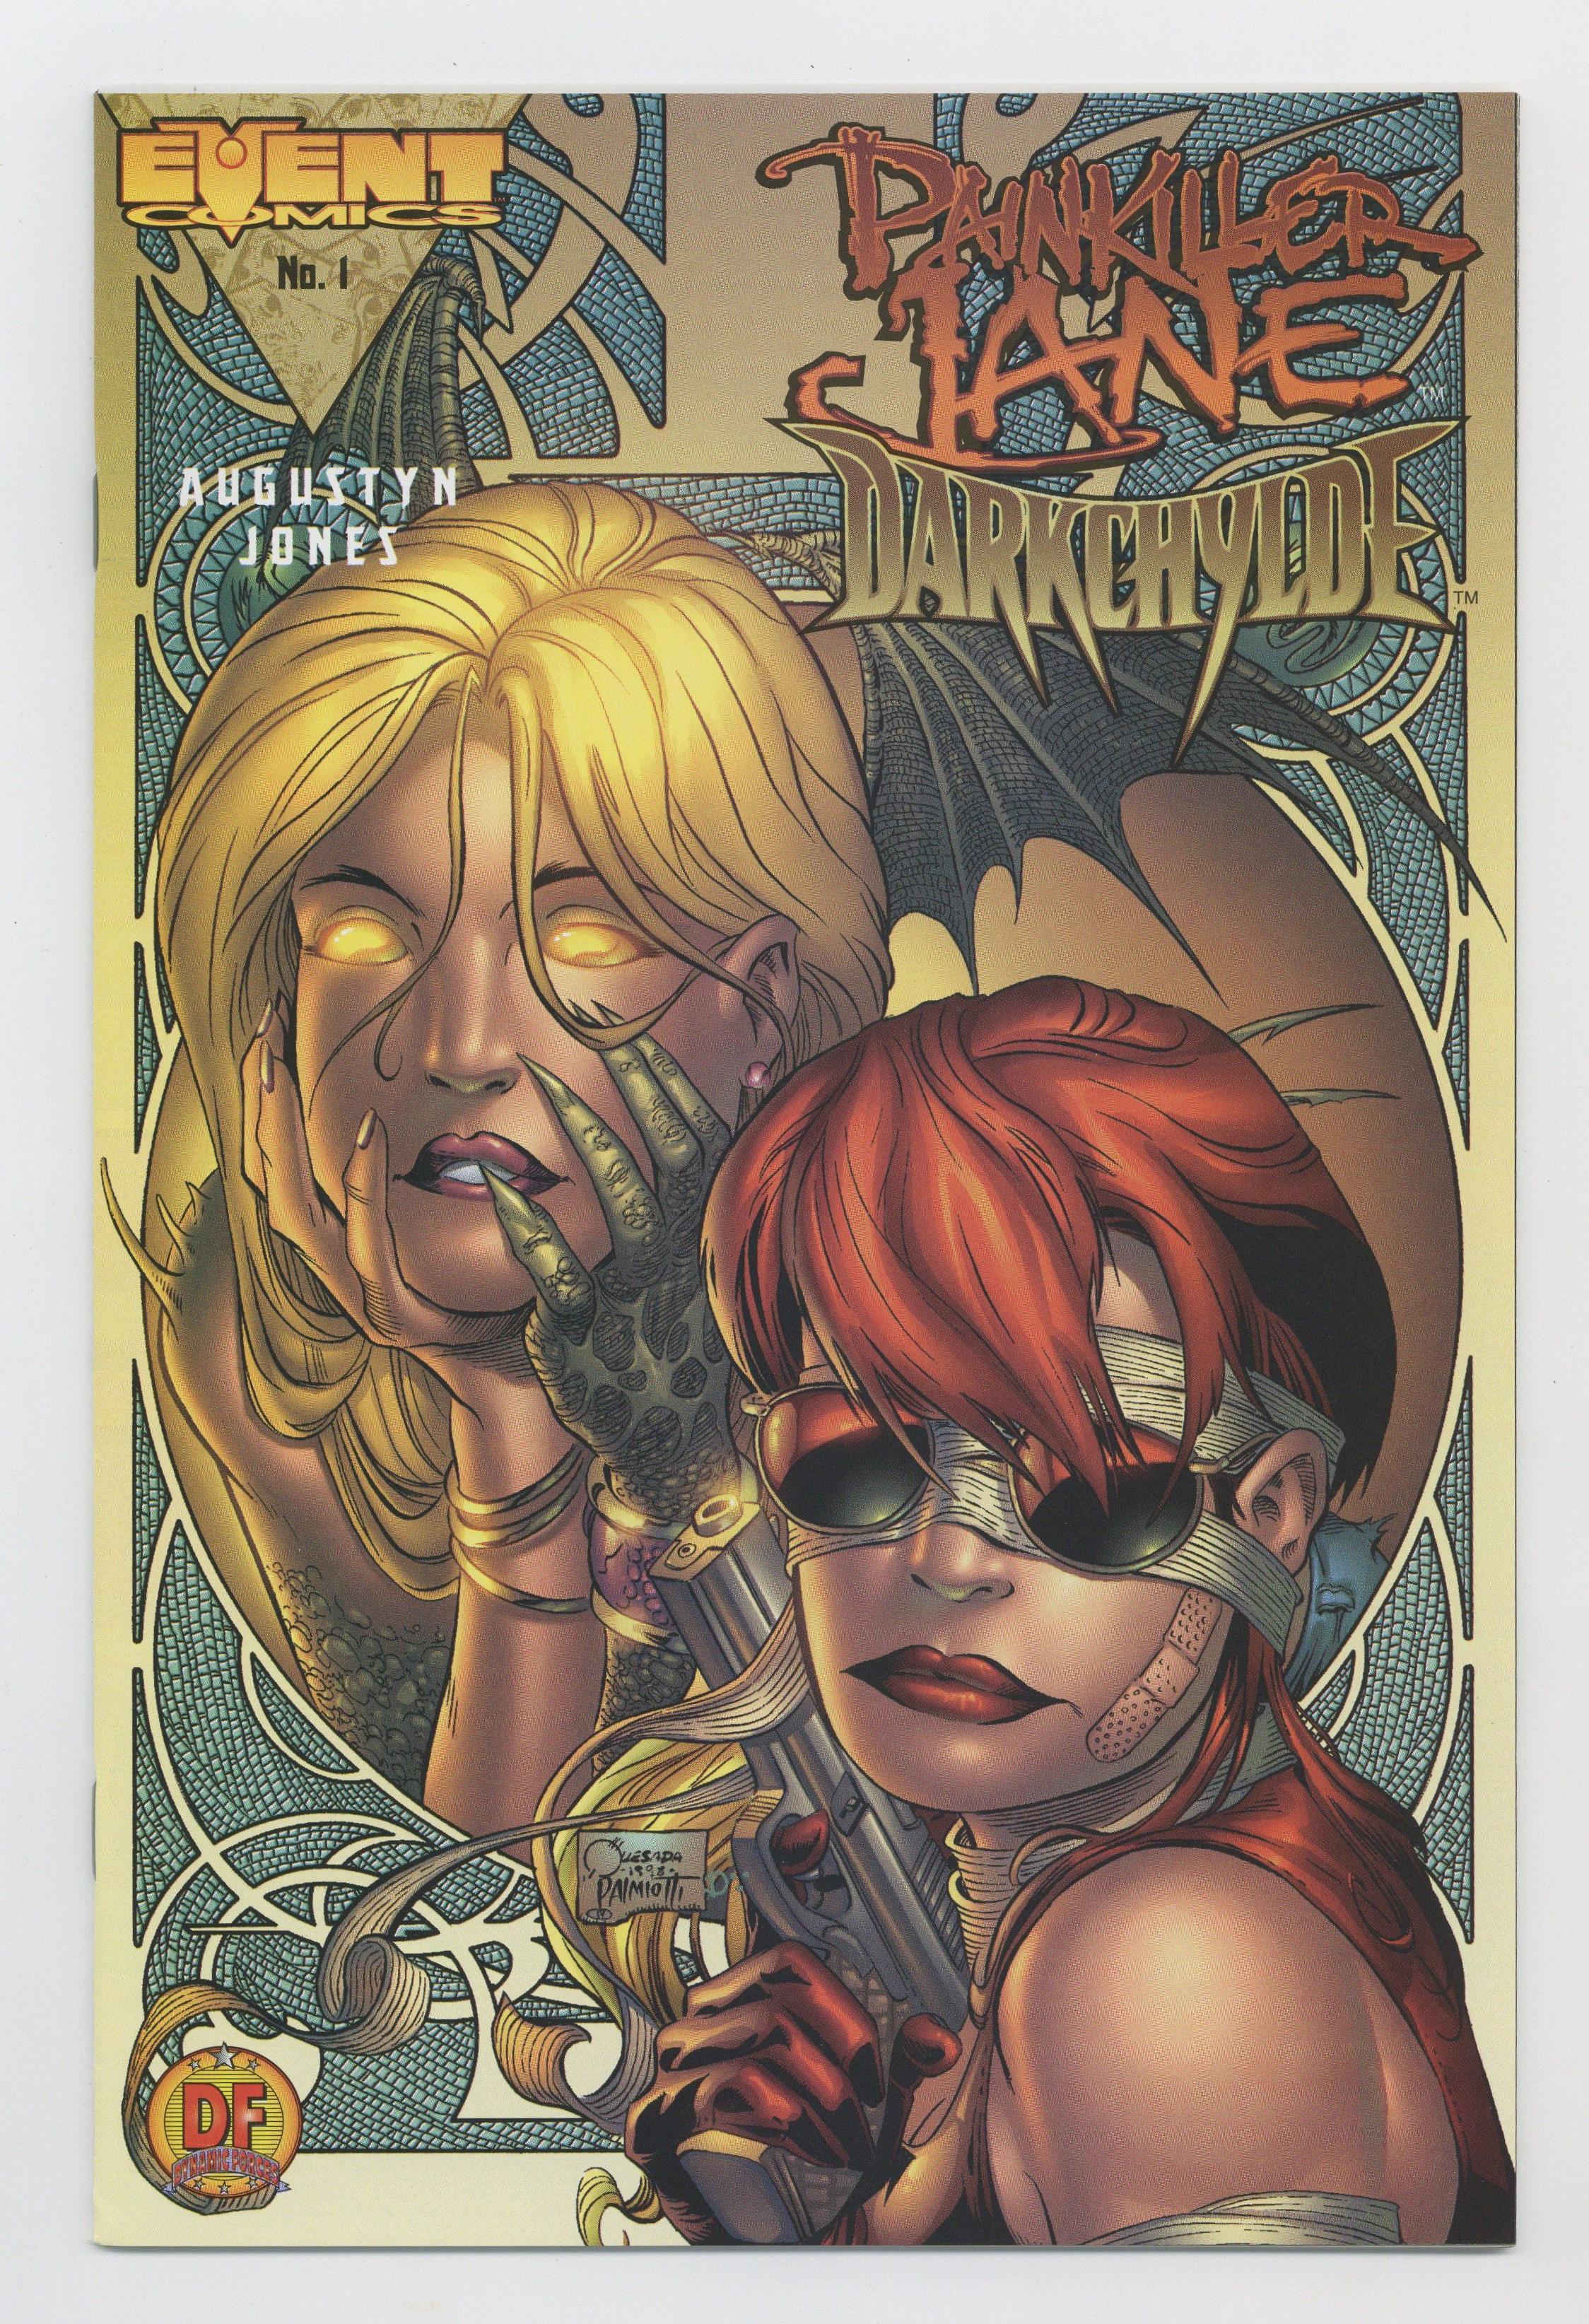 Darkchylde Sketchbook #1 Sealed COA DF Comics Oct 1998